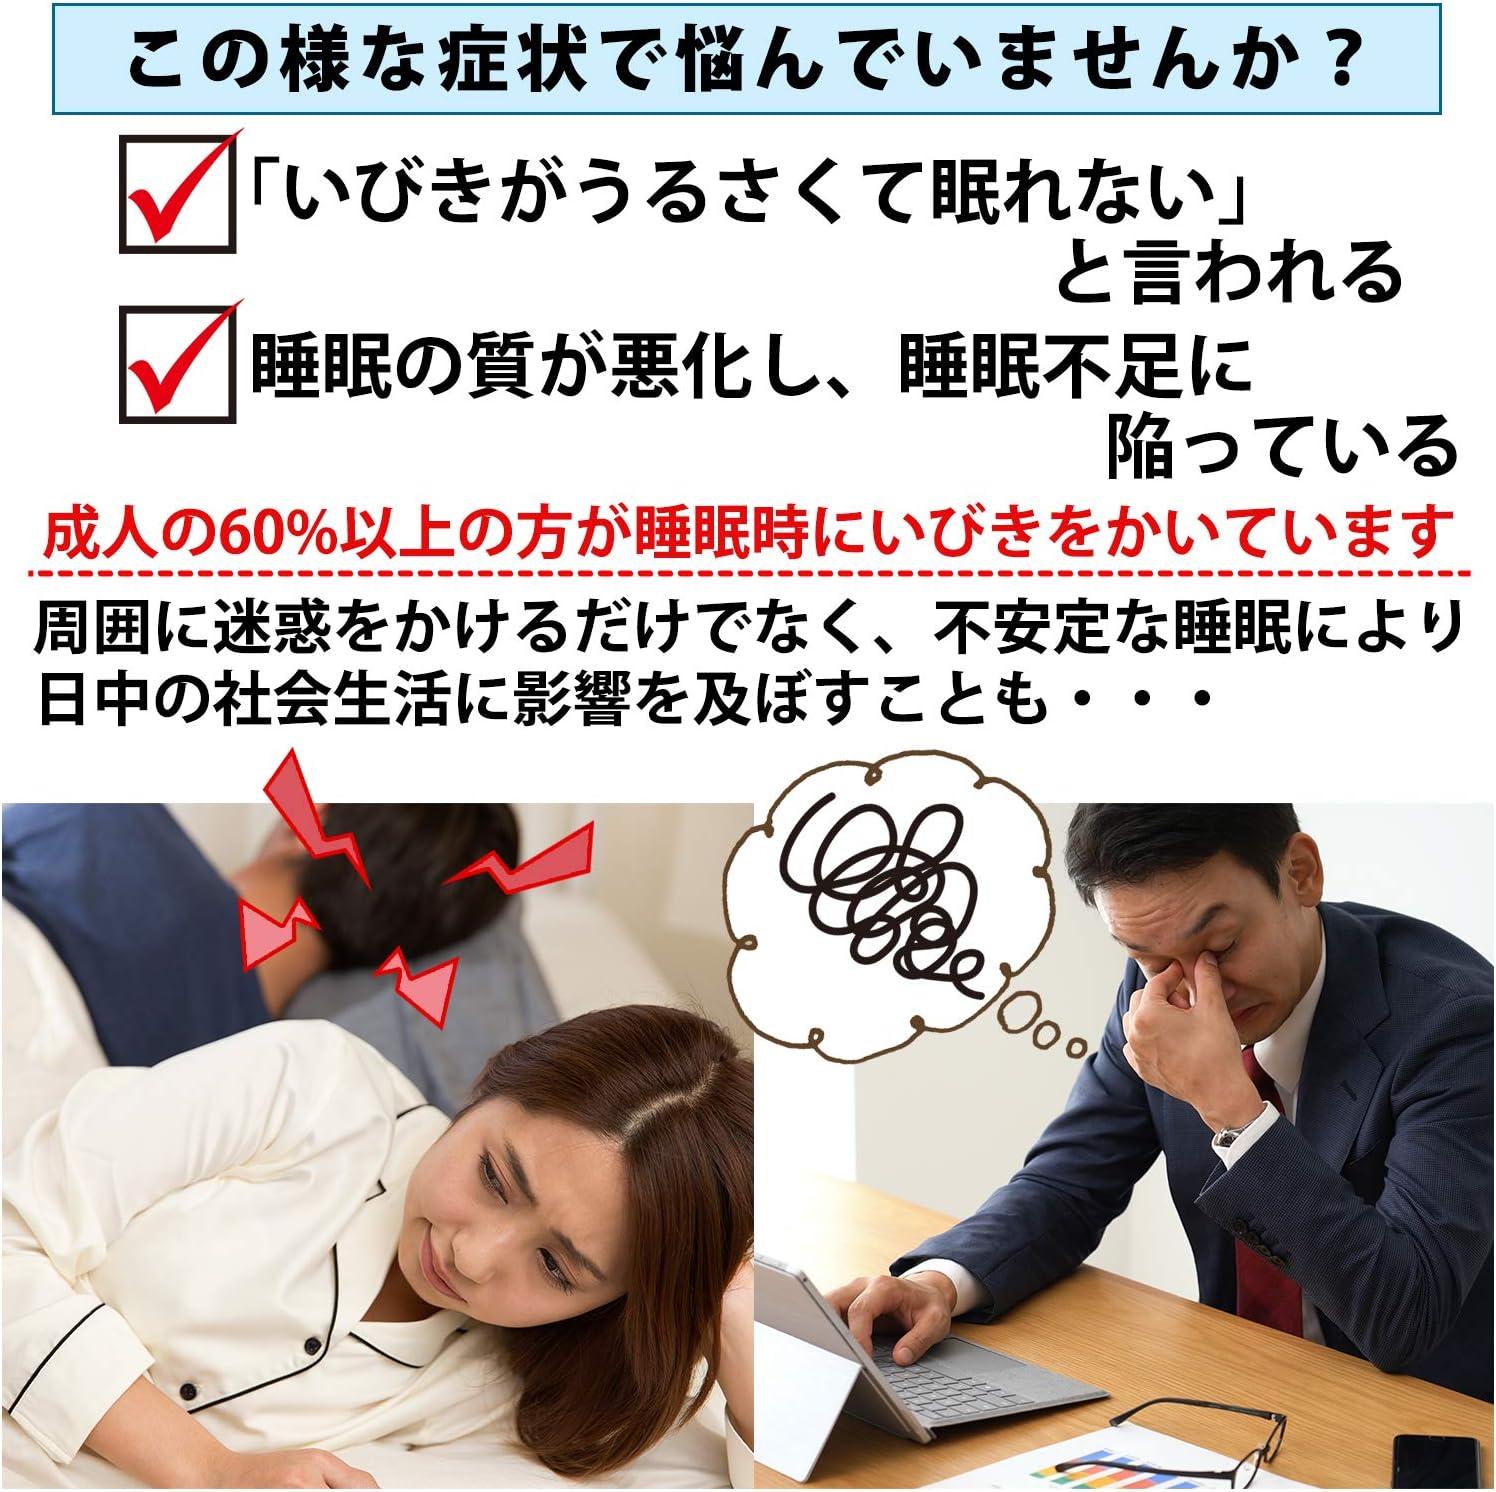 眠れ ない が うるさく て いびき